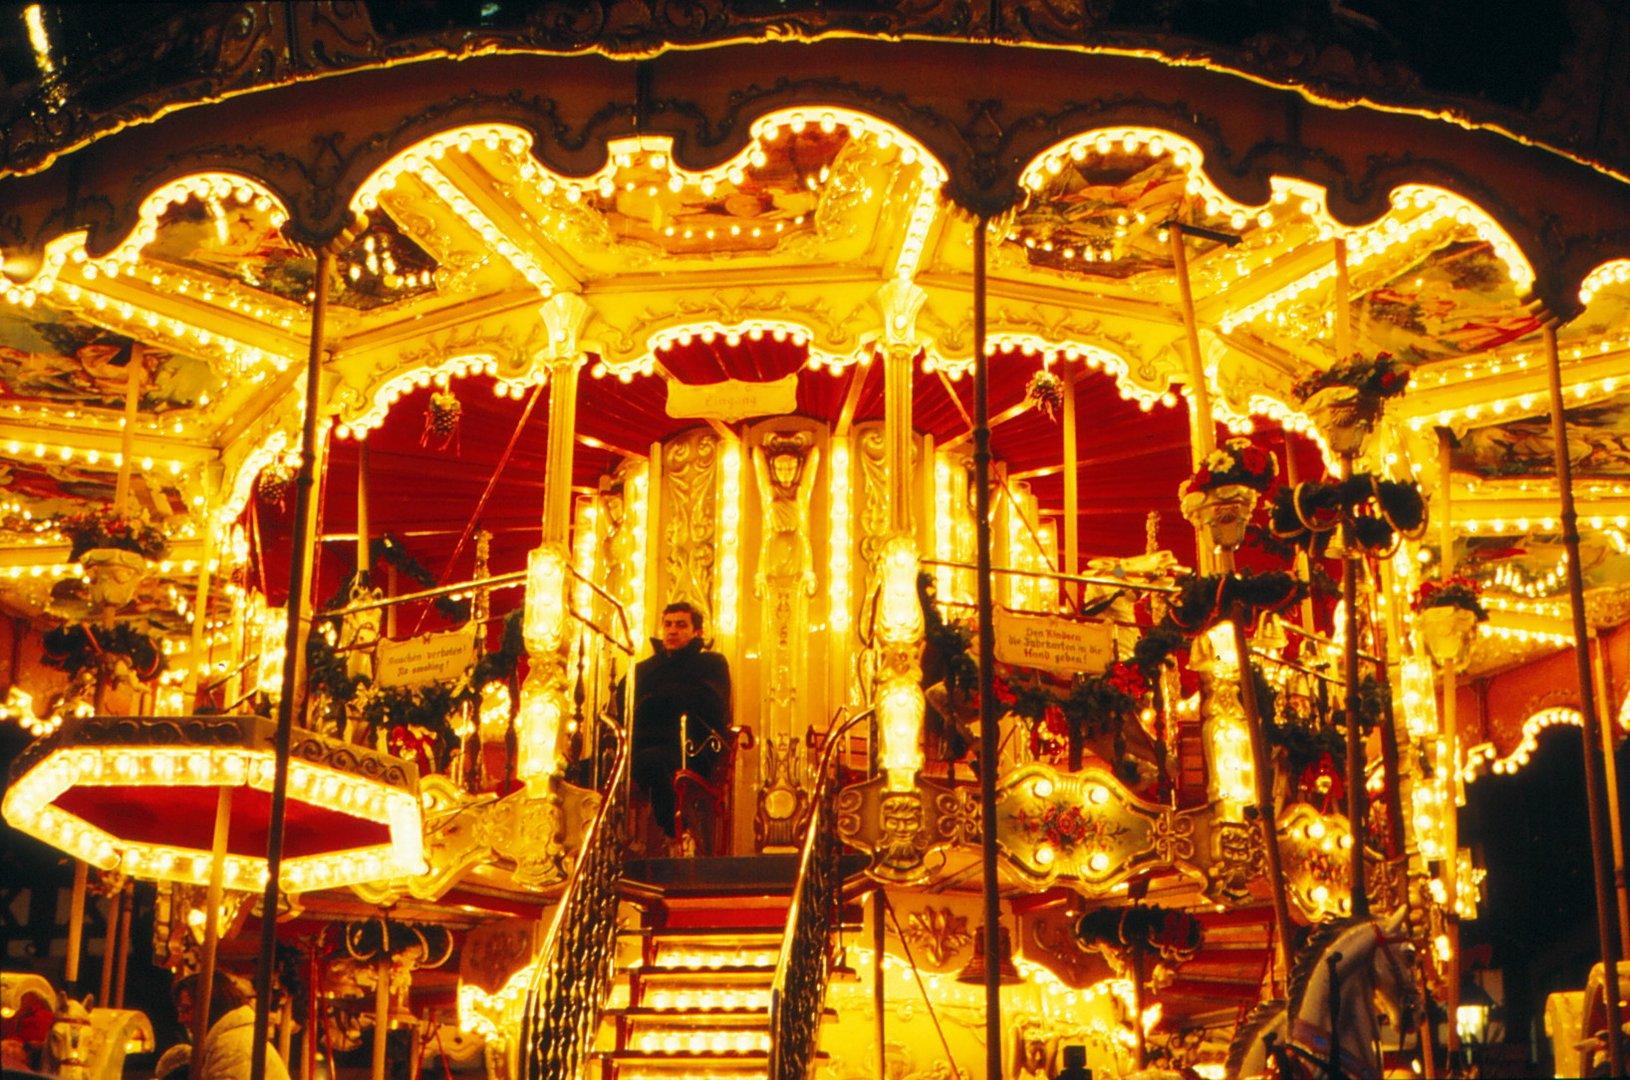 Weihnachtsmarkt in Frankfurt auf dem Karusell